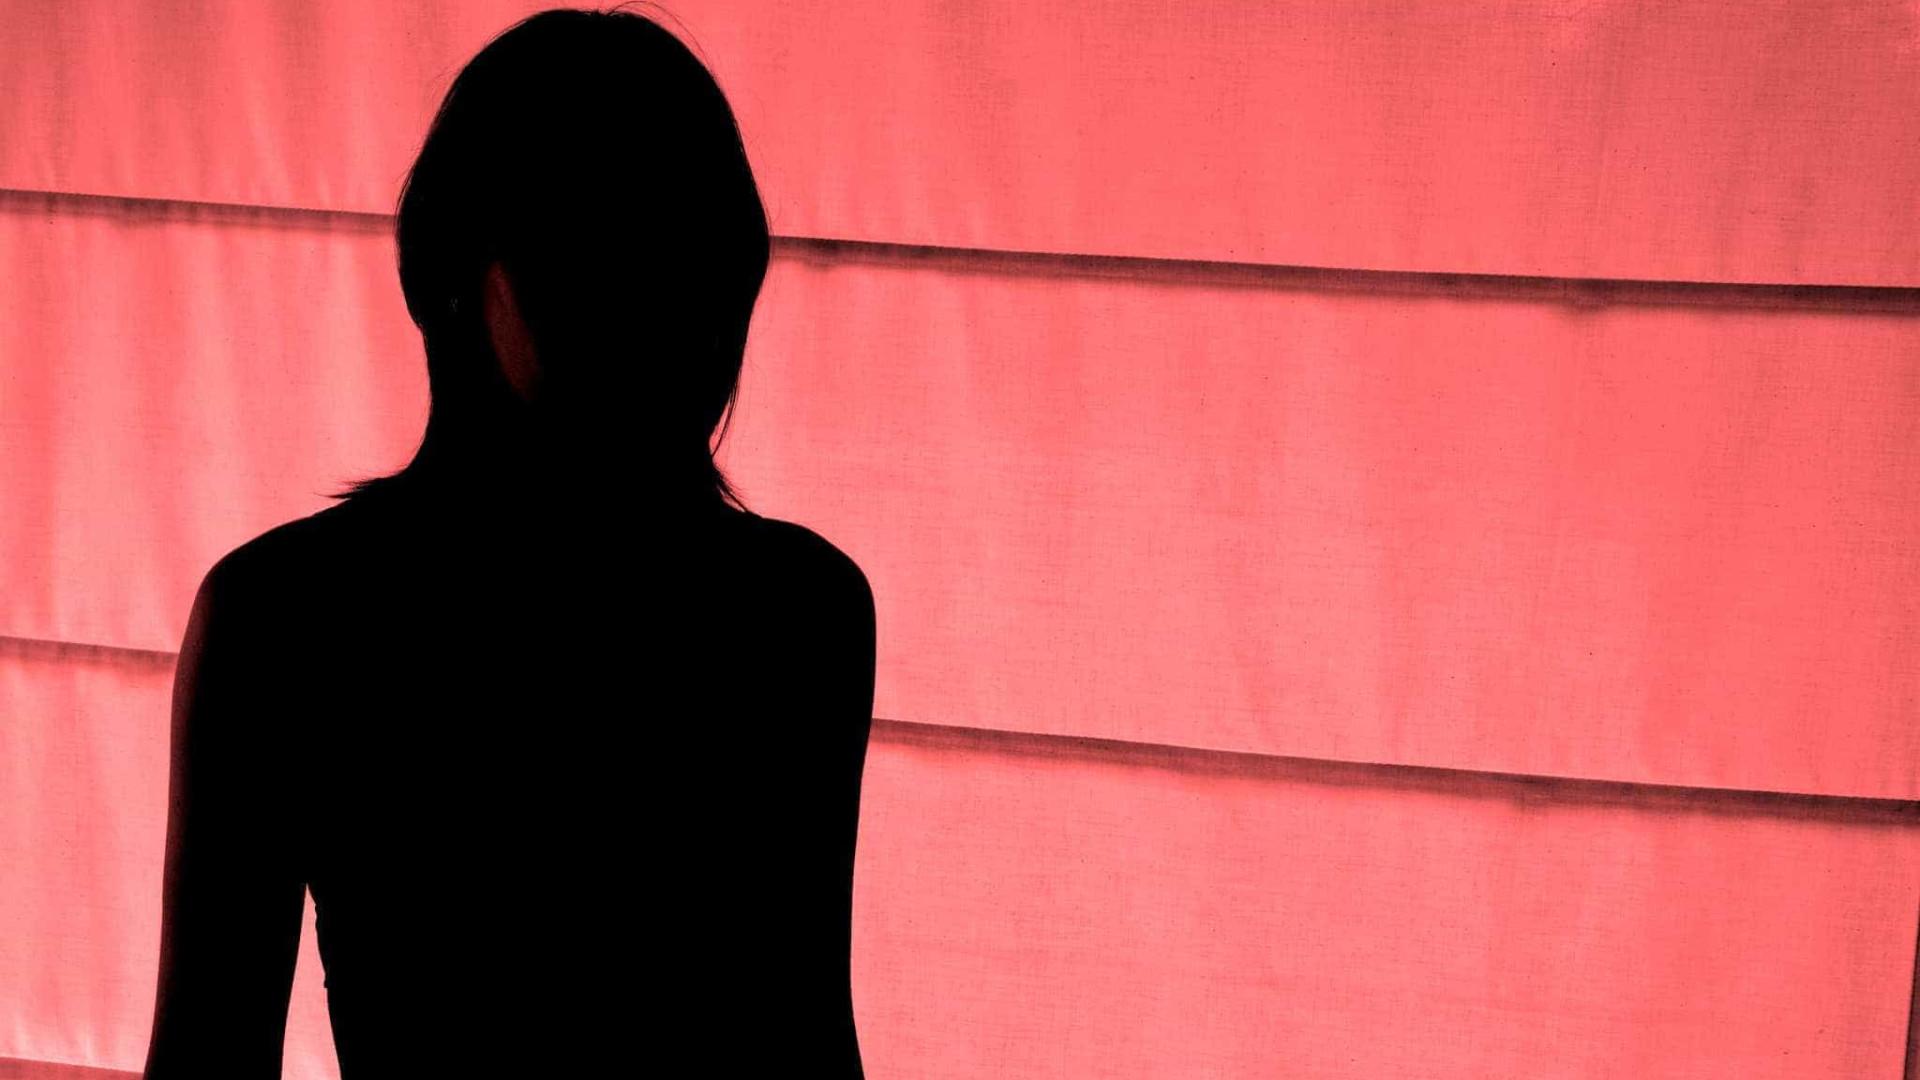 Homem detido por agredir e violar companheira em Évora